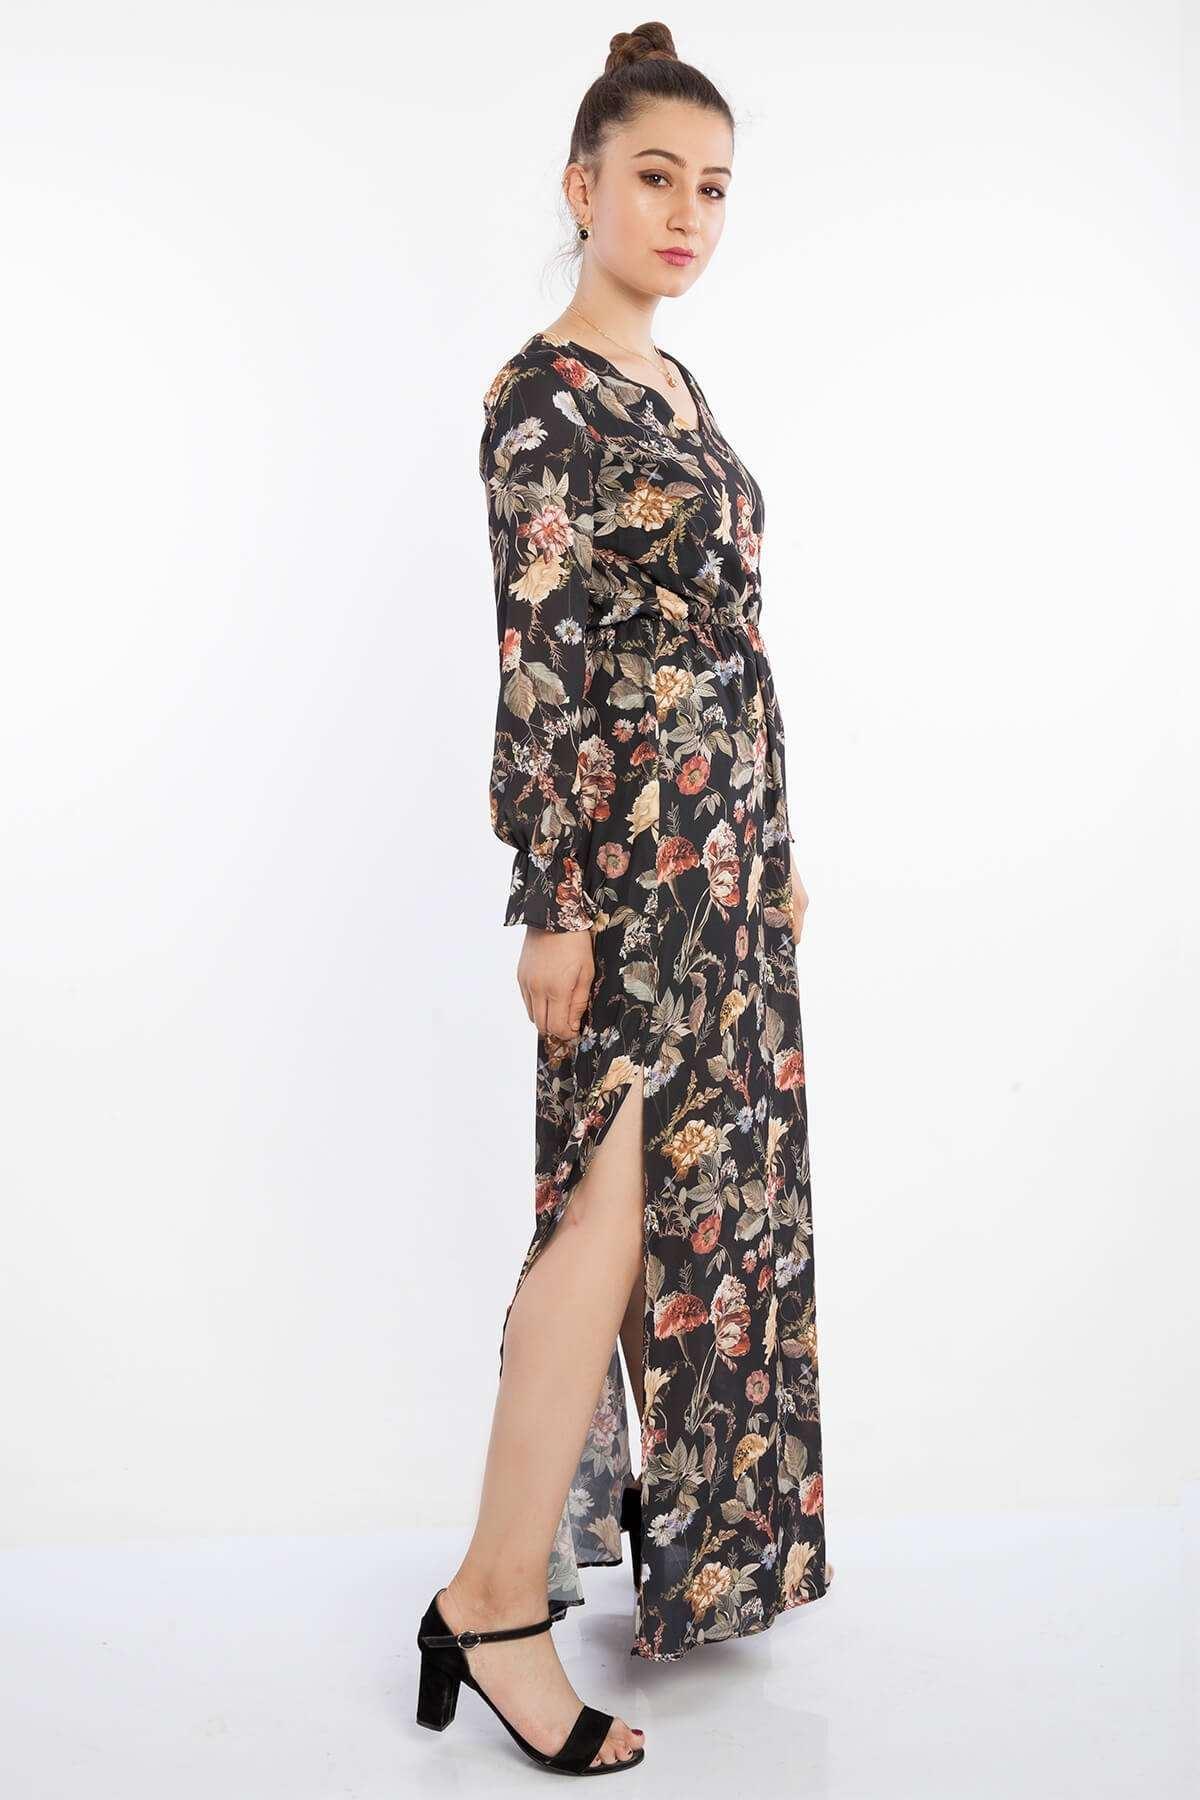 Bel Lastik Çiçek Desen Yırtmaçlı Elbise Siyah